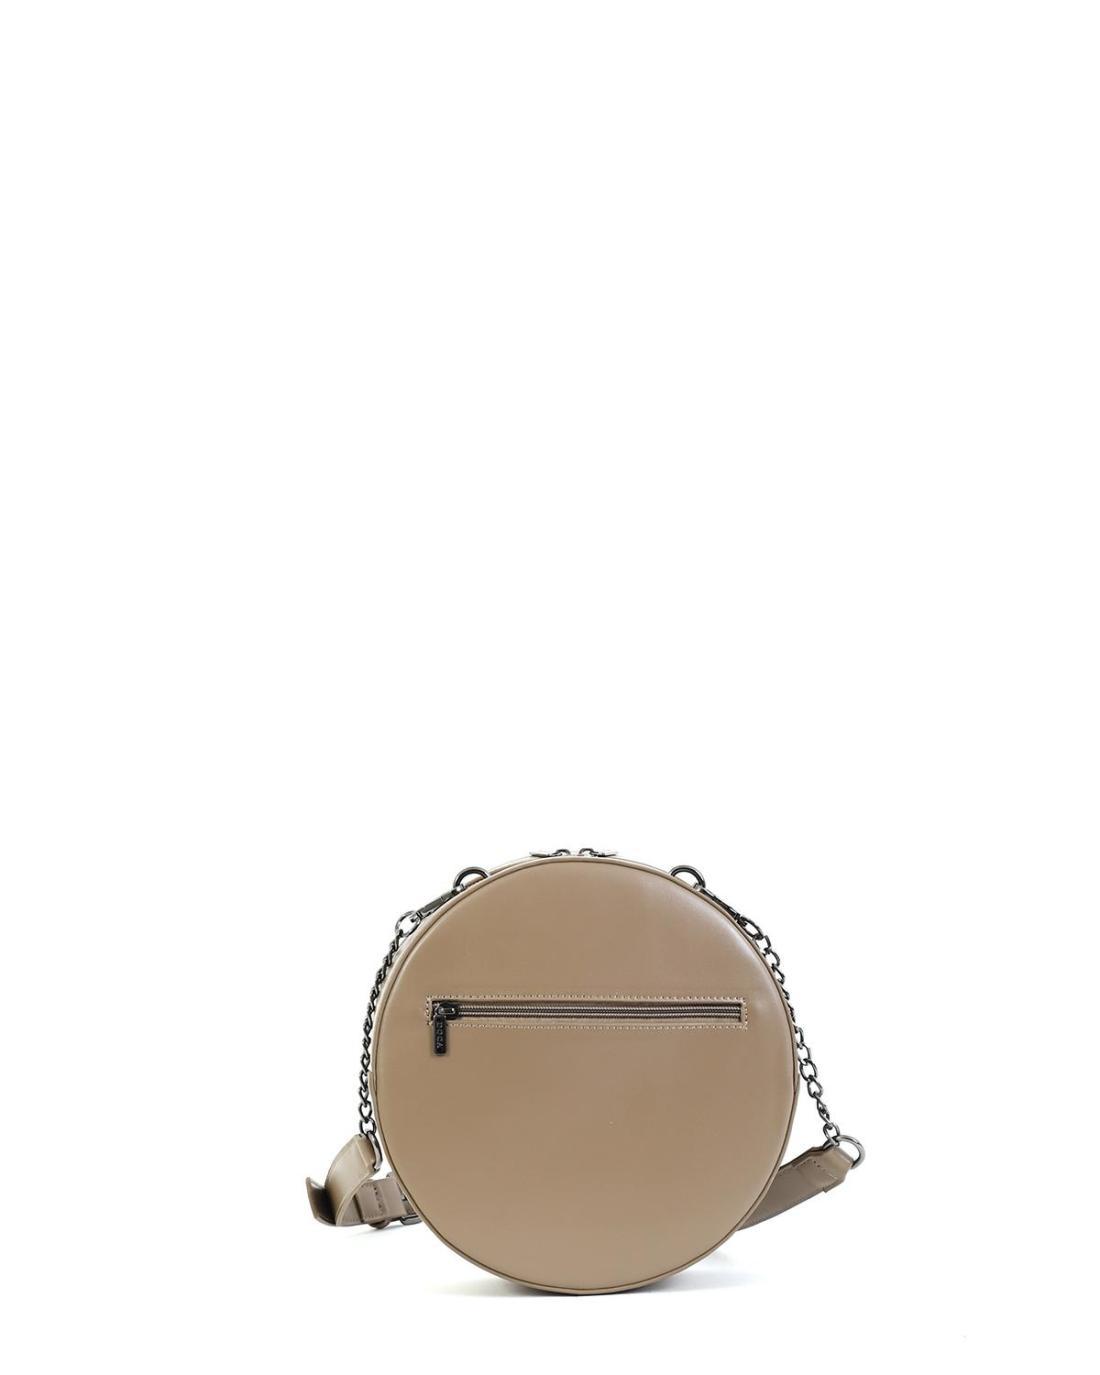 Τσάντα χιαστί γκρι